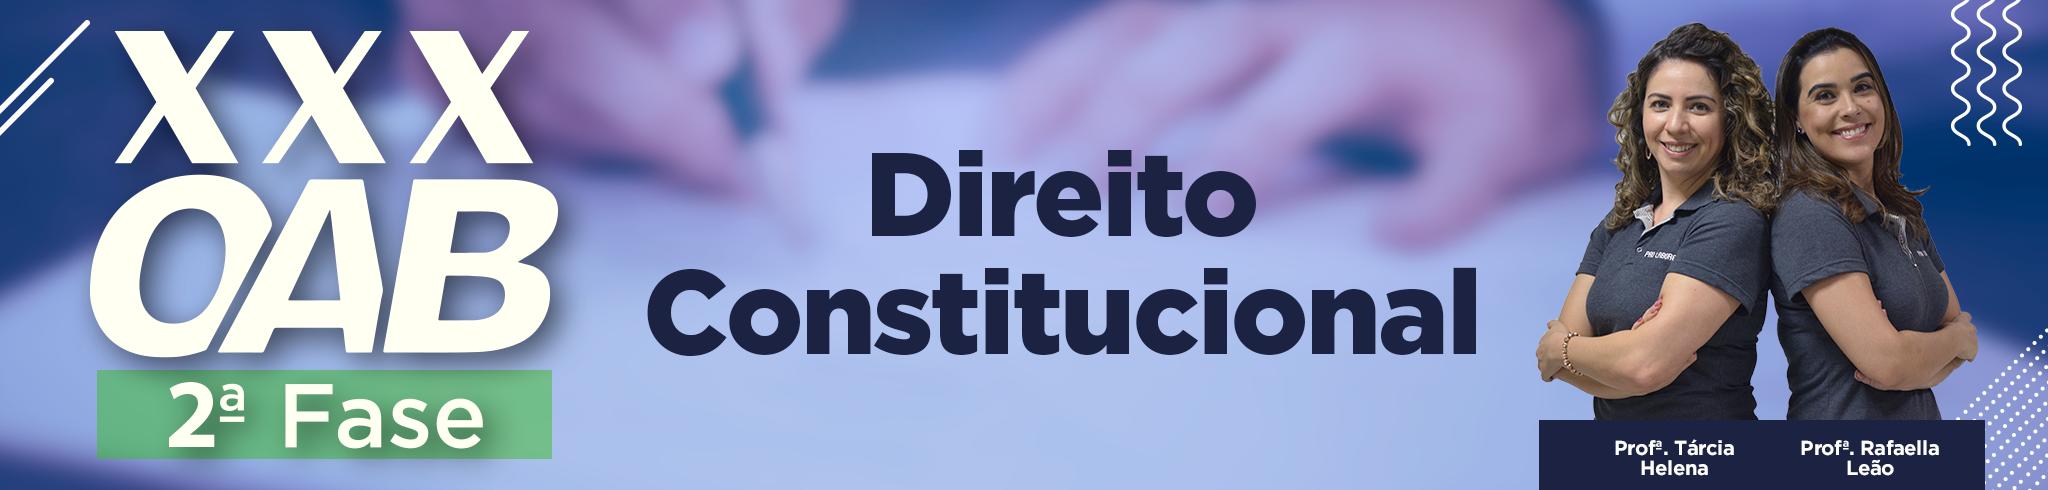 OAB XXX - 2ª Fase _ Direito Constitucional